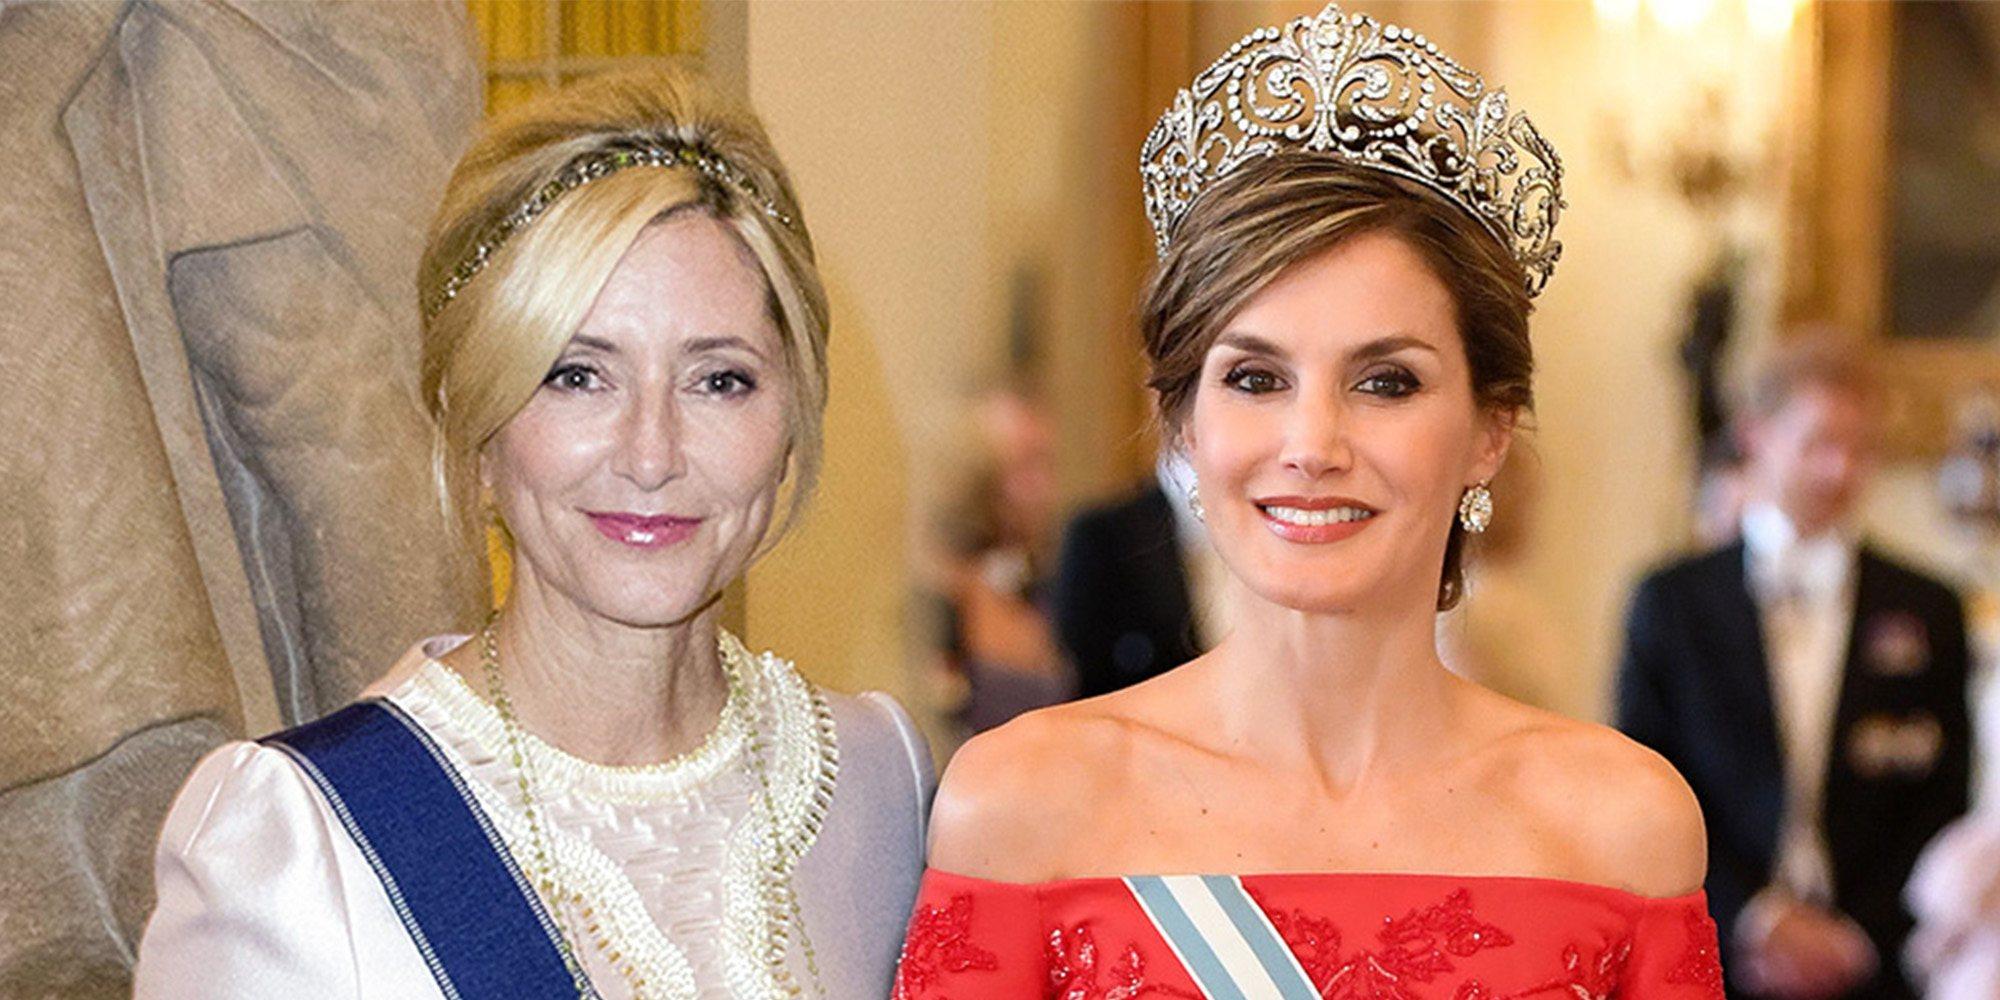 Enemigas Íntimas: La Reina Letizia, Marie Chantal de Grecia y la ruptura de protocolo que mostró su enemistad